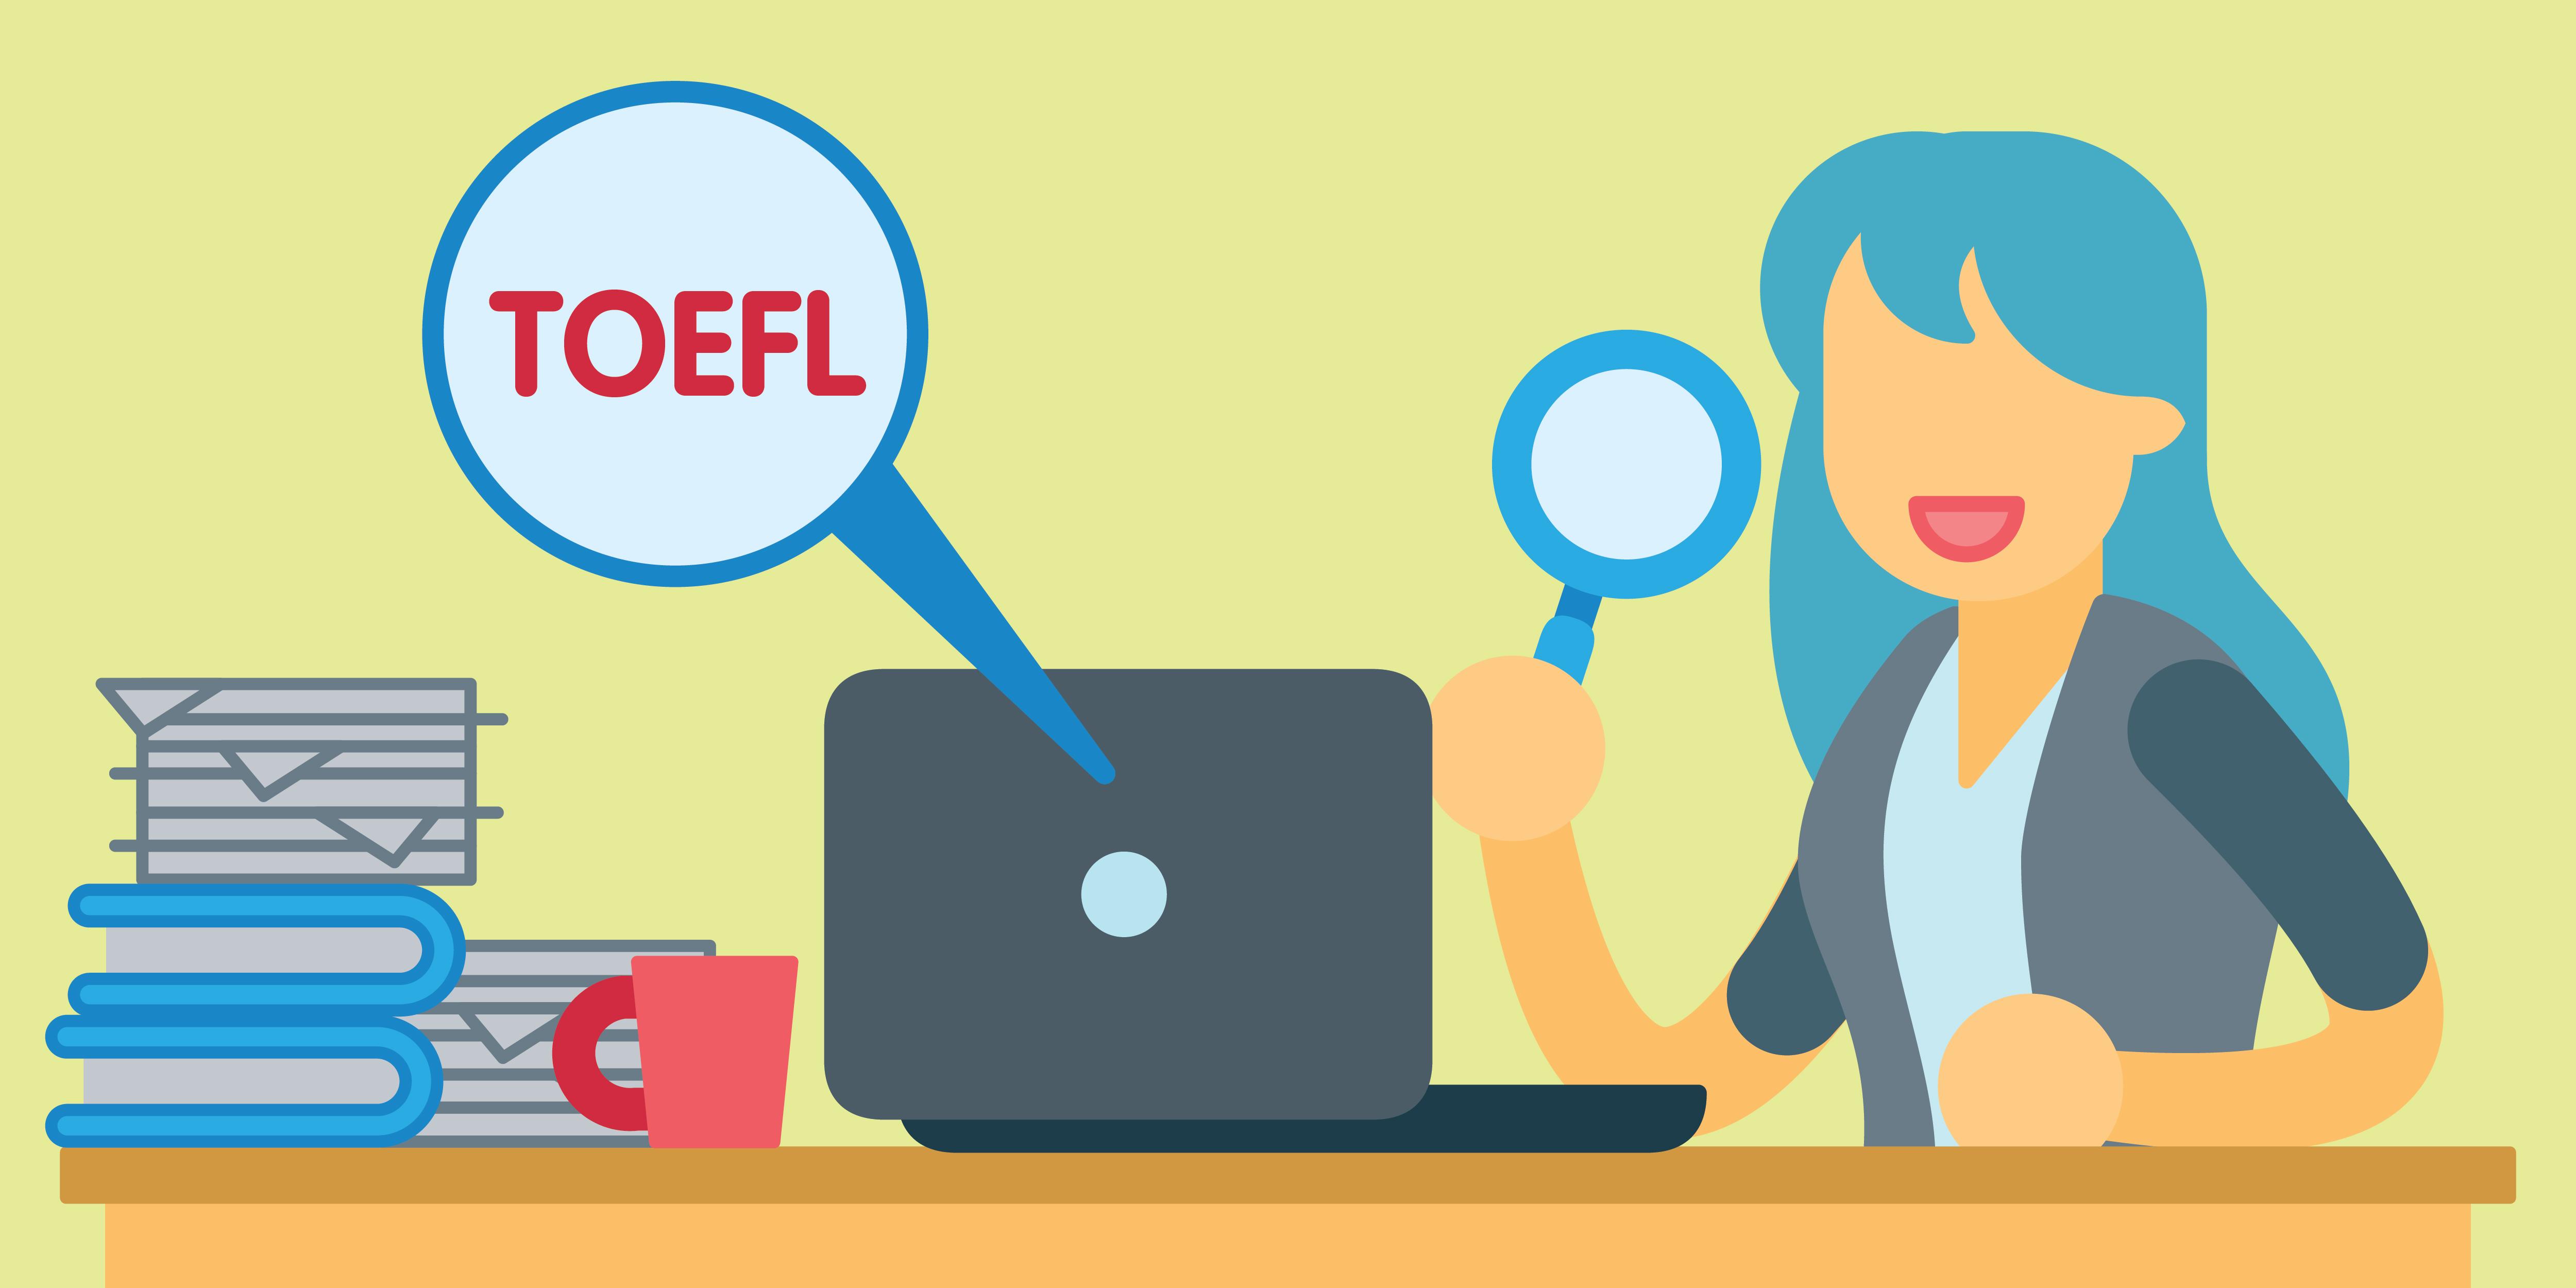 آزمون تافل (TOEFL) چیست